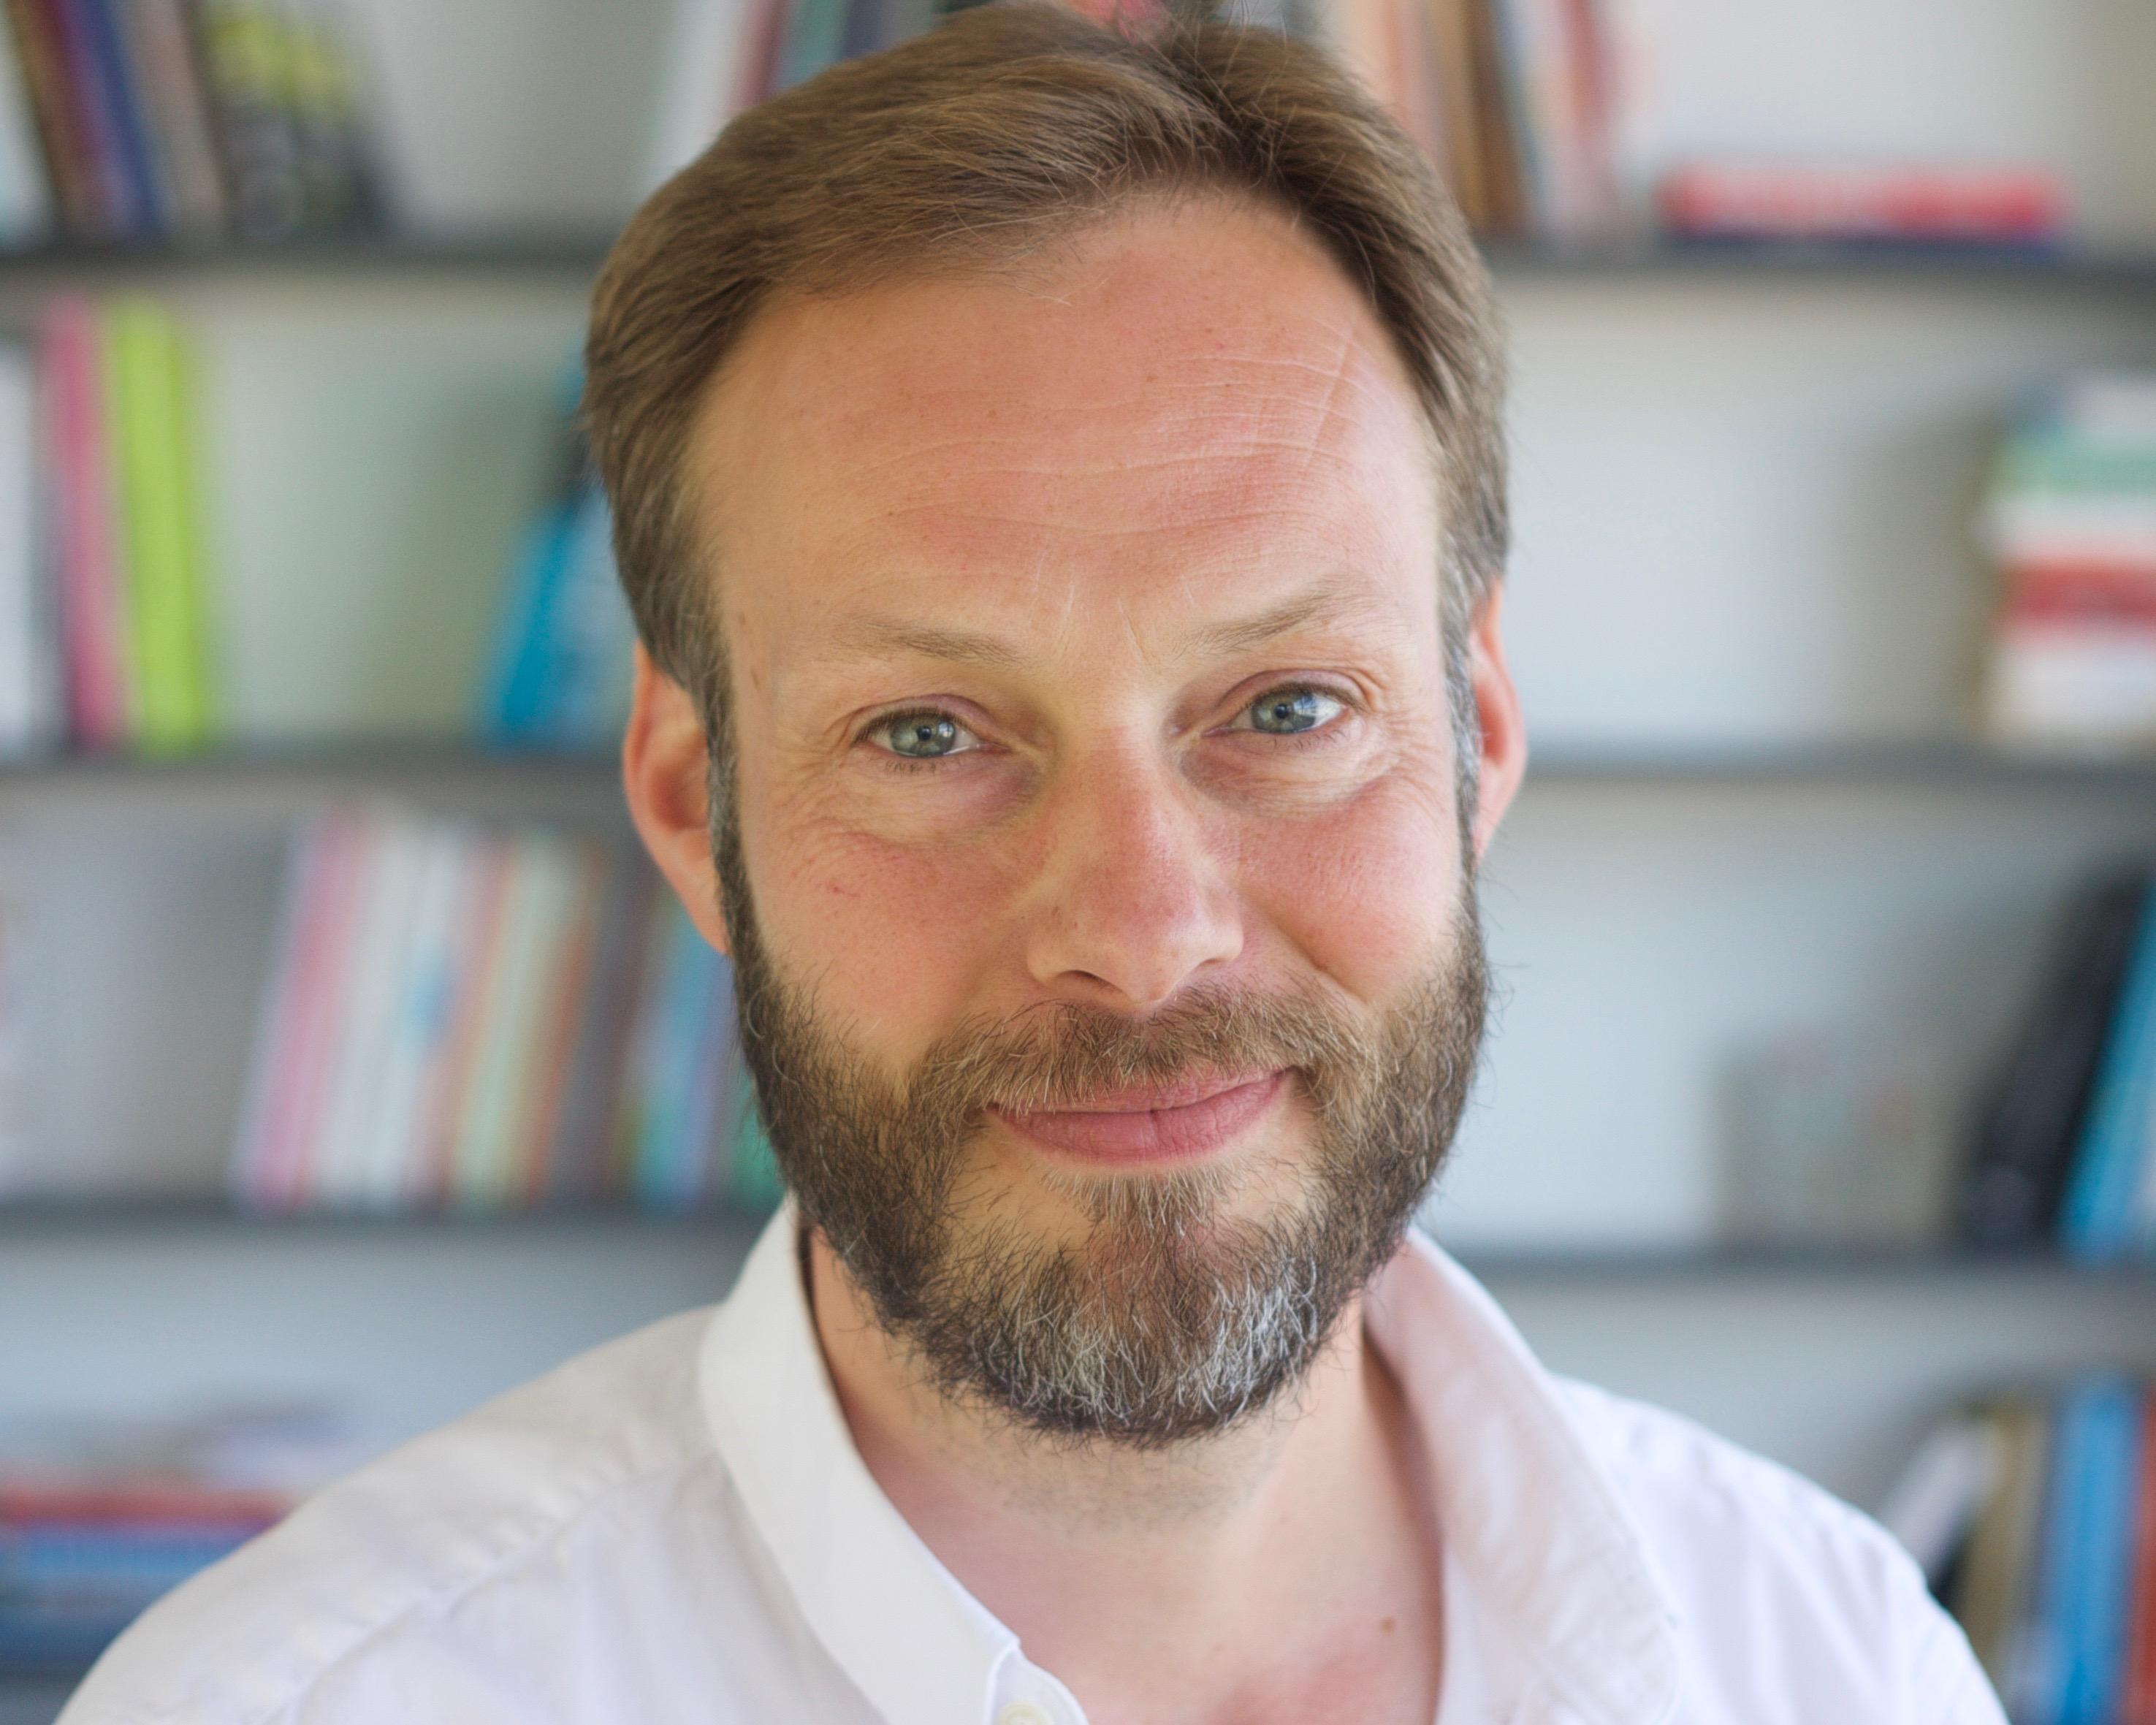 Jochem van Ast – Office Manager